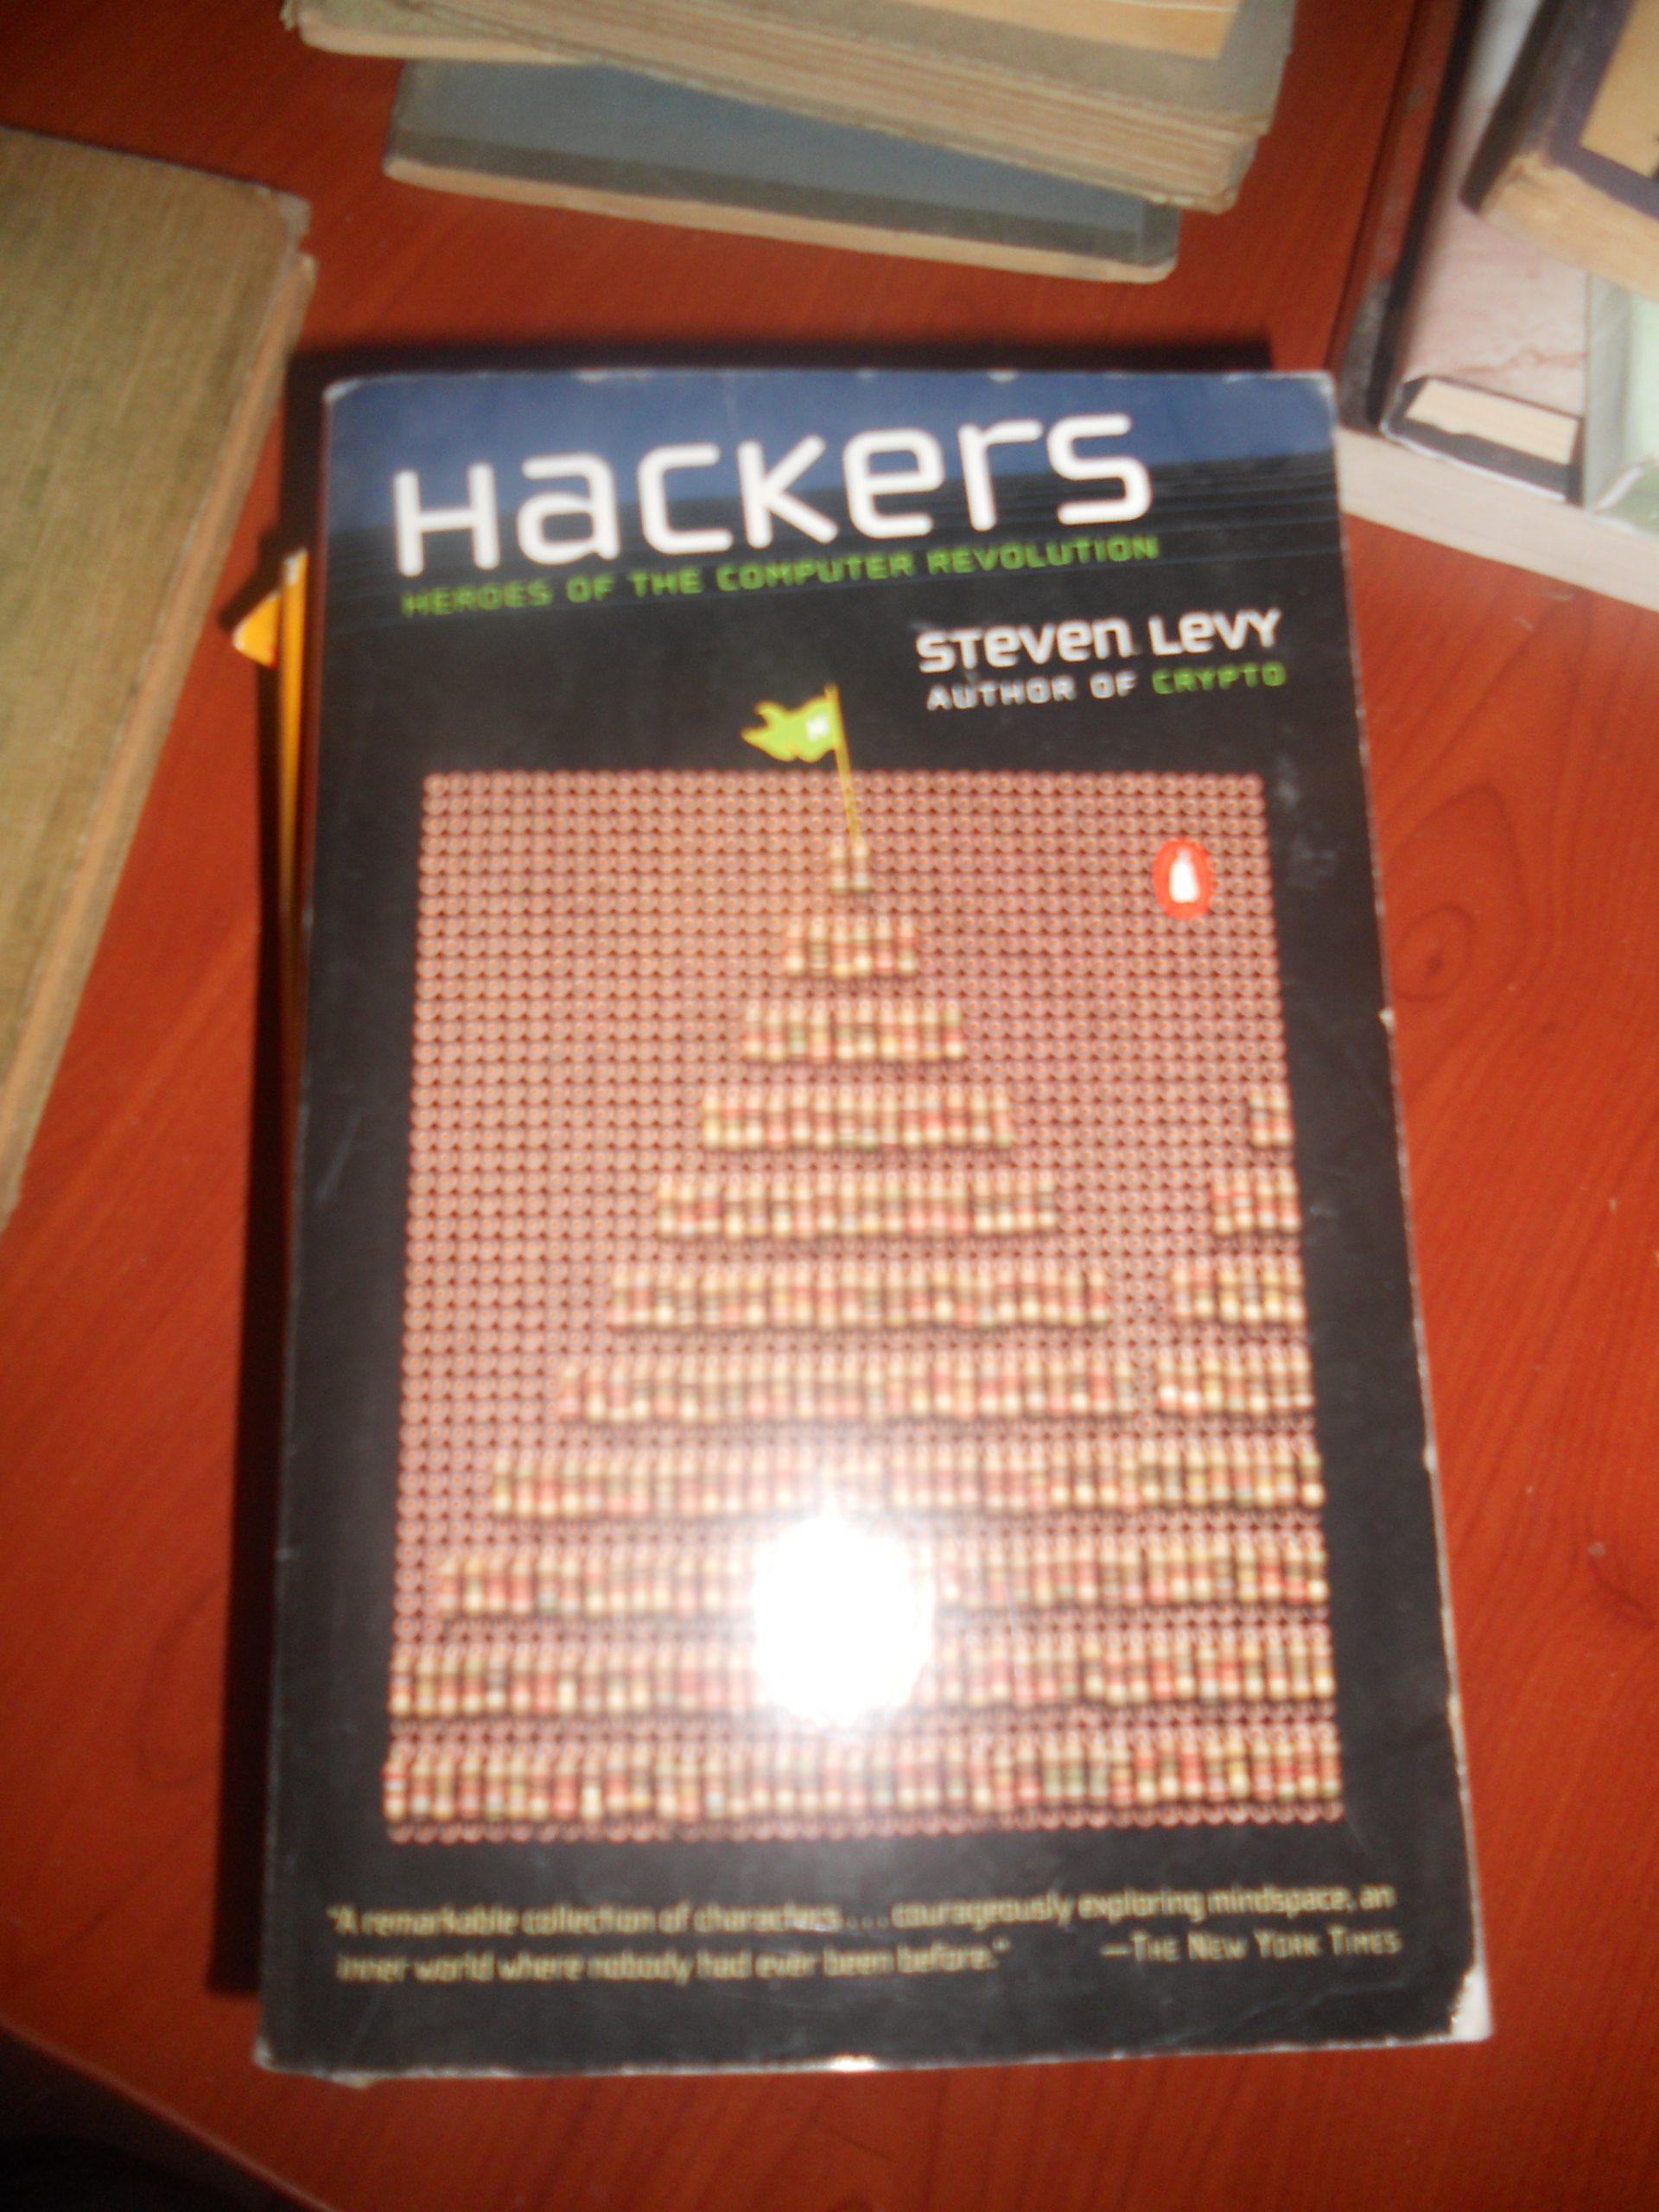 HACKERS/Steven levy/15 tl